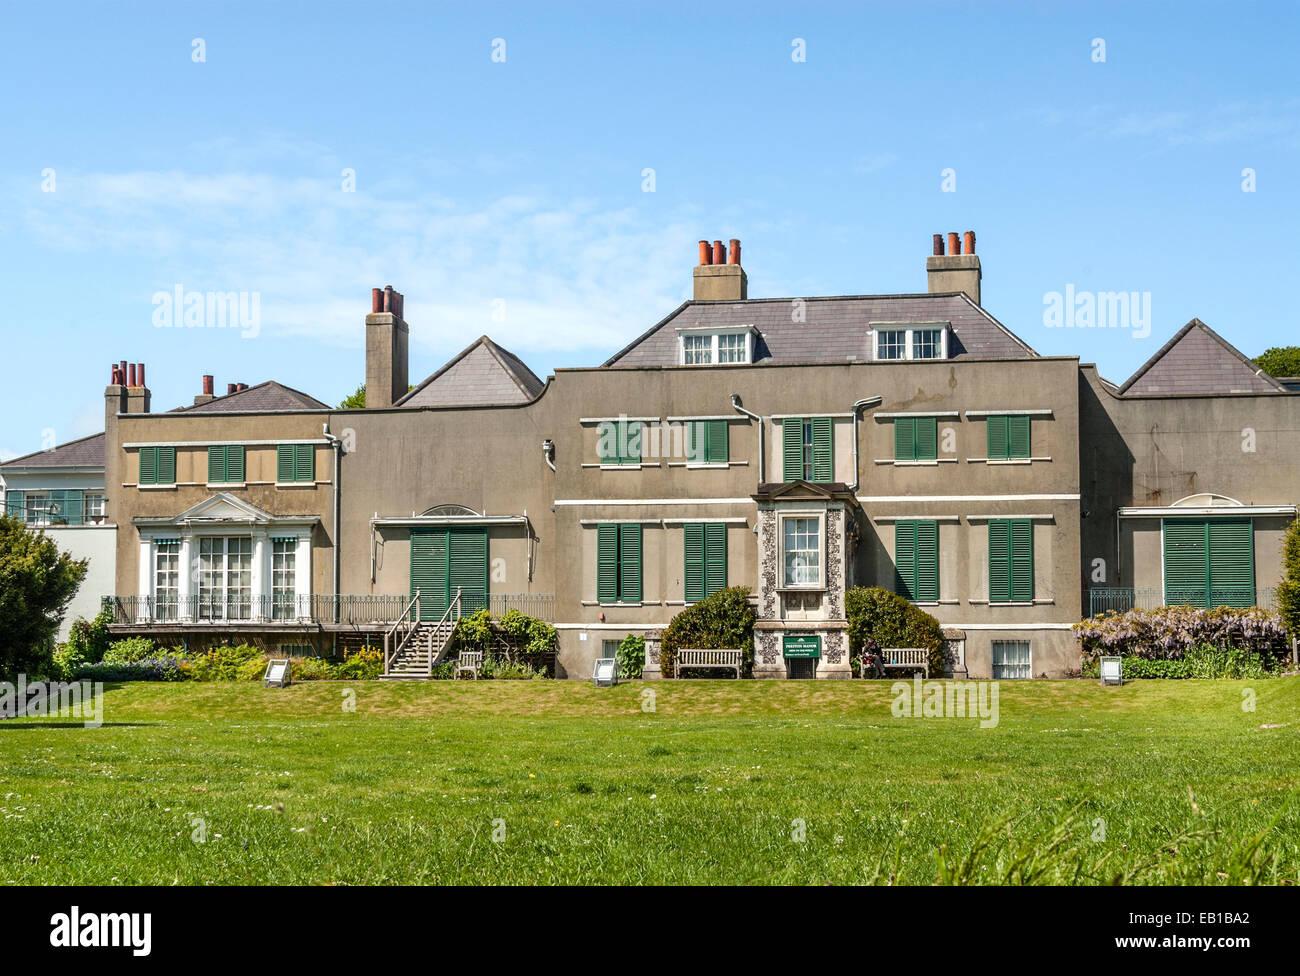 Preston Manor, einem historischen 17. Jahrhundert Herrenhaus in Brighton in East Sussex, Südengland. Stockbild